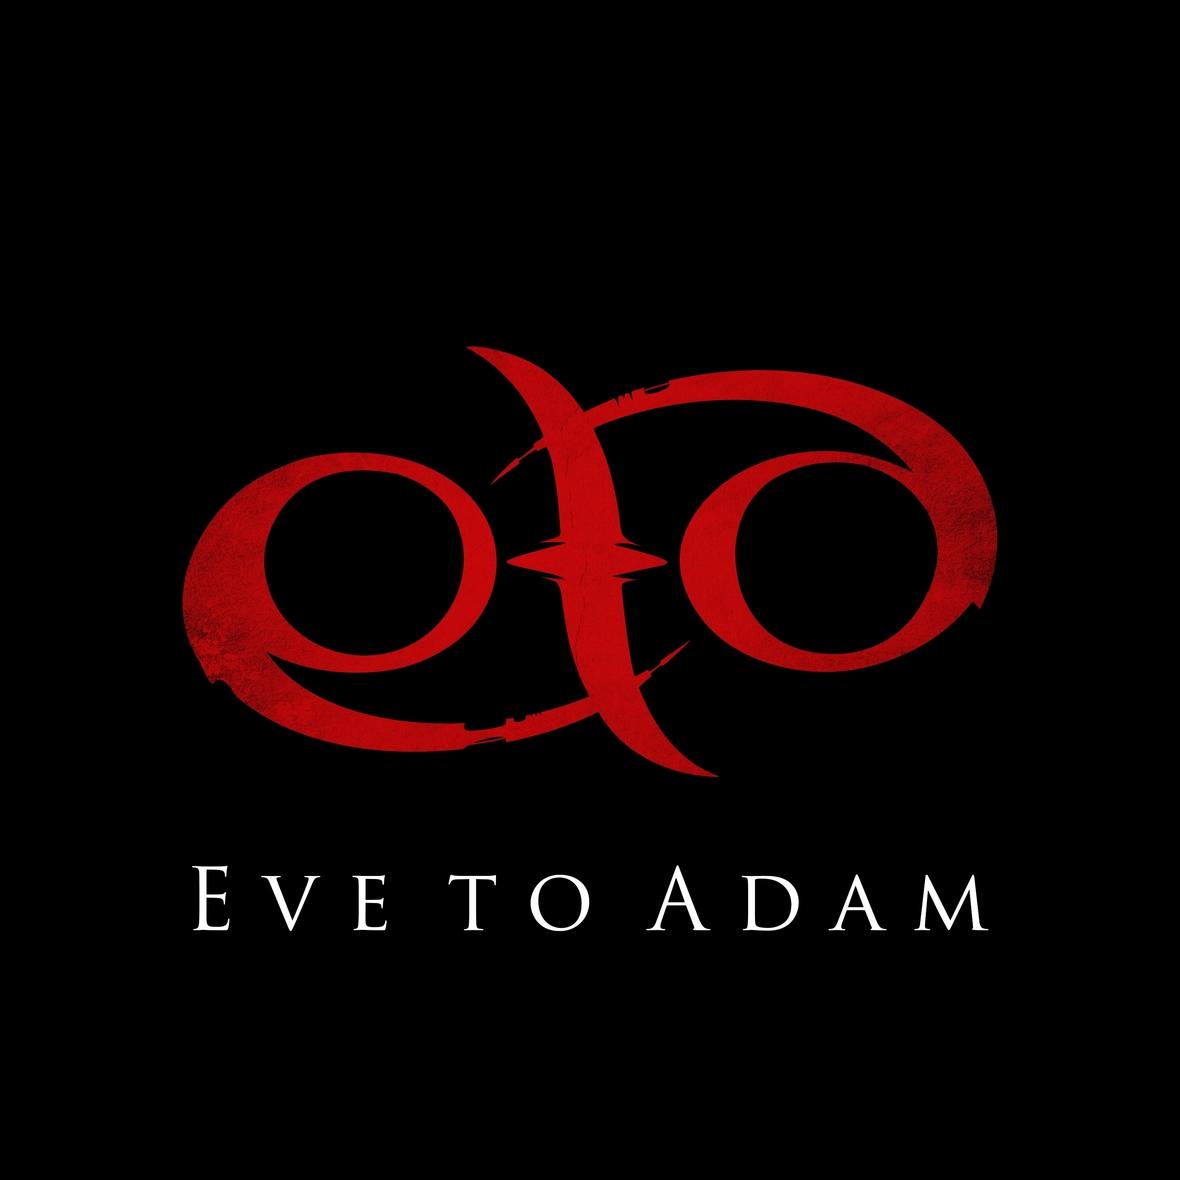 eve to adam logo update